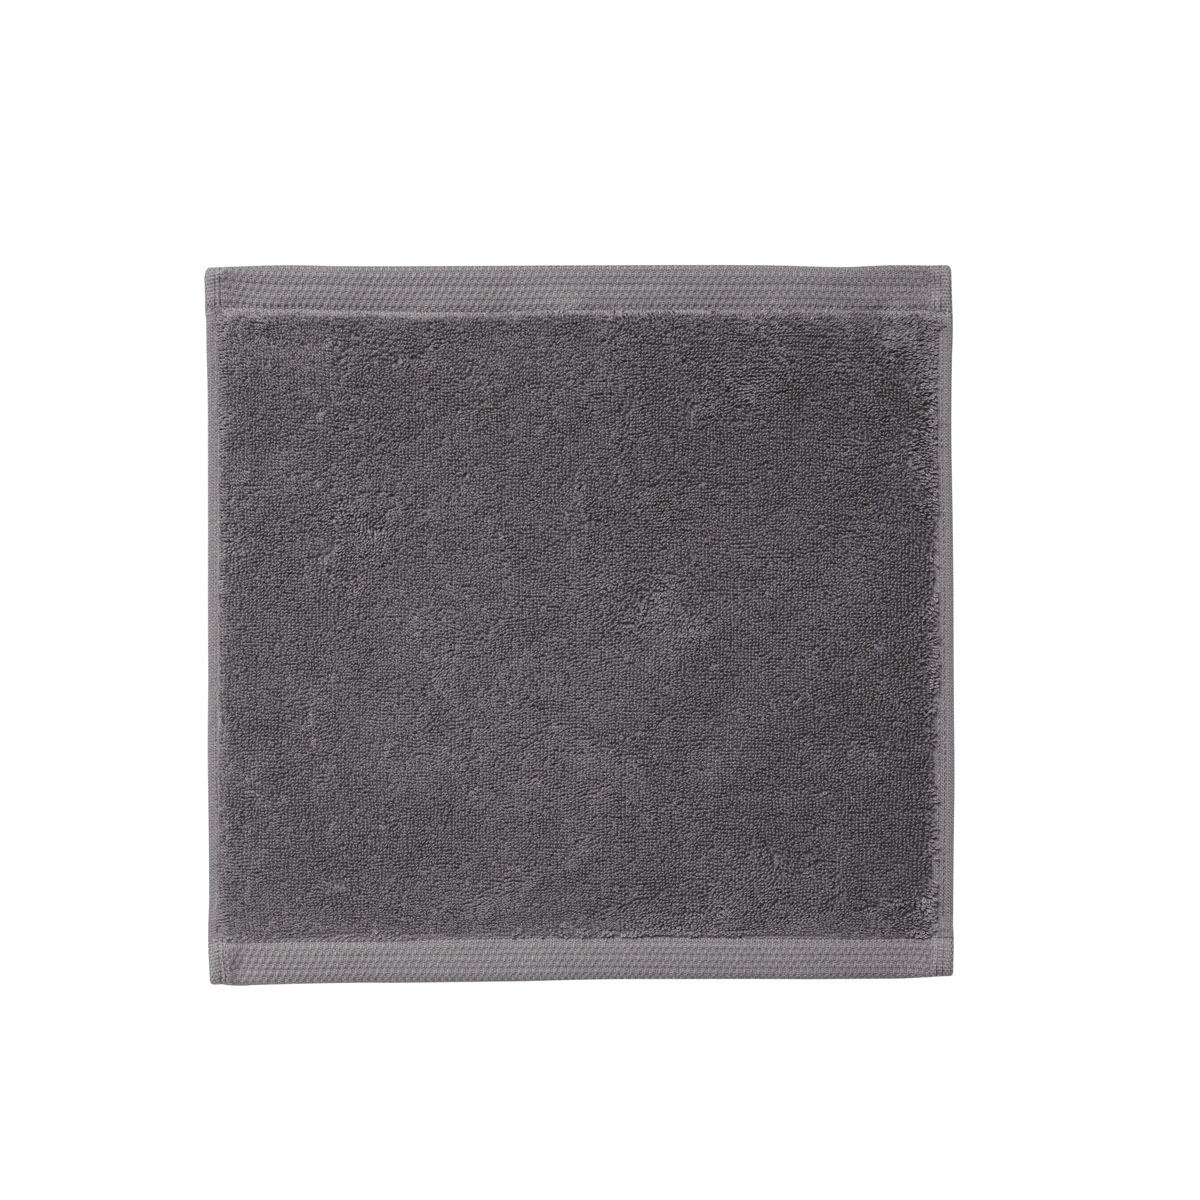 Carré visage en gris graphite 30x30